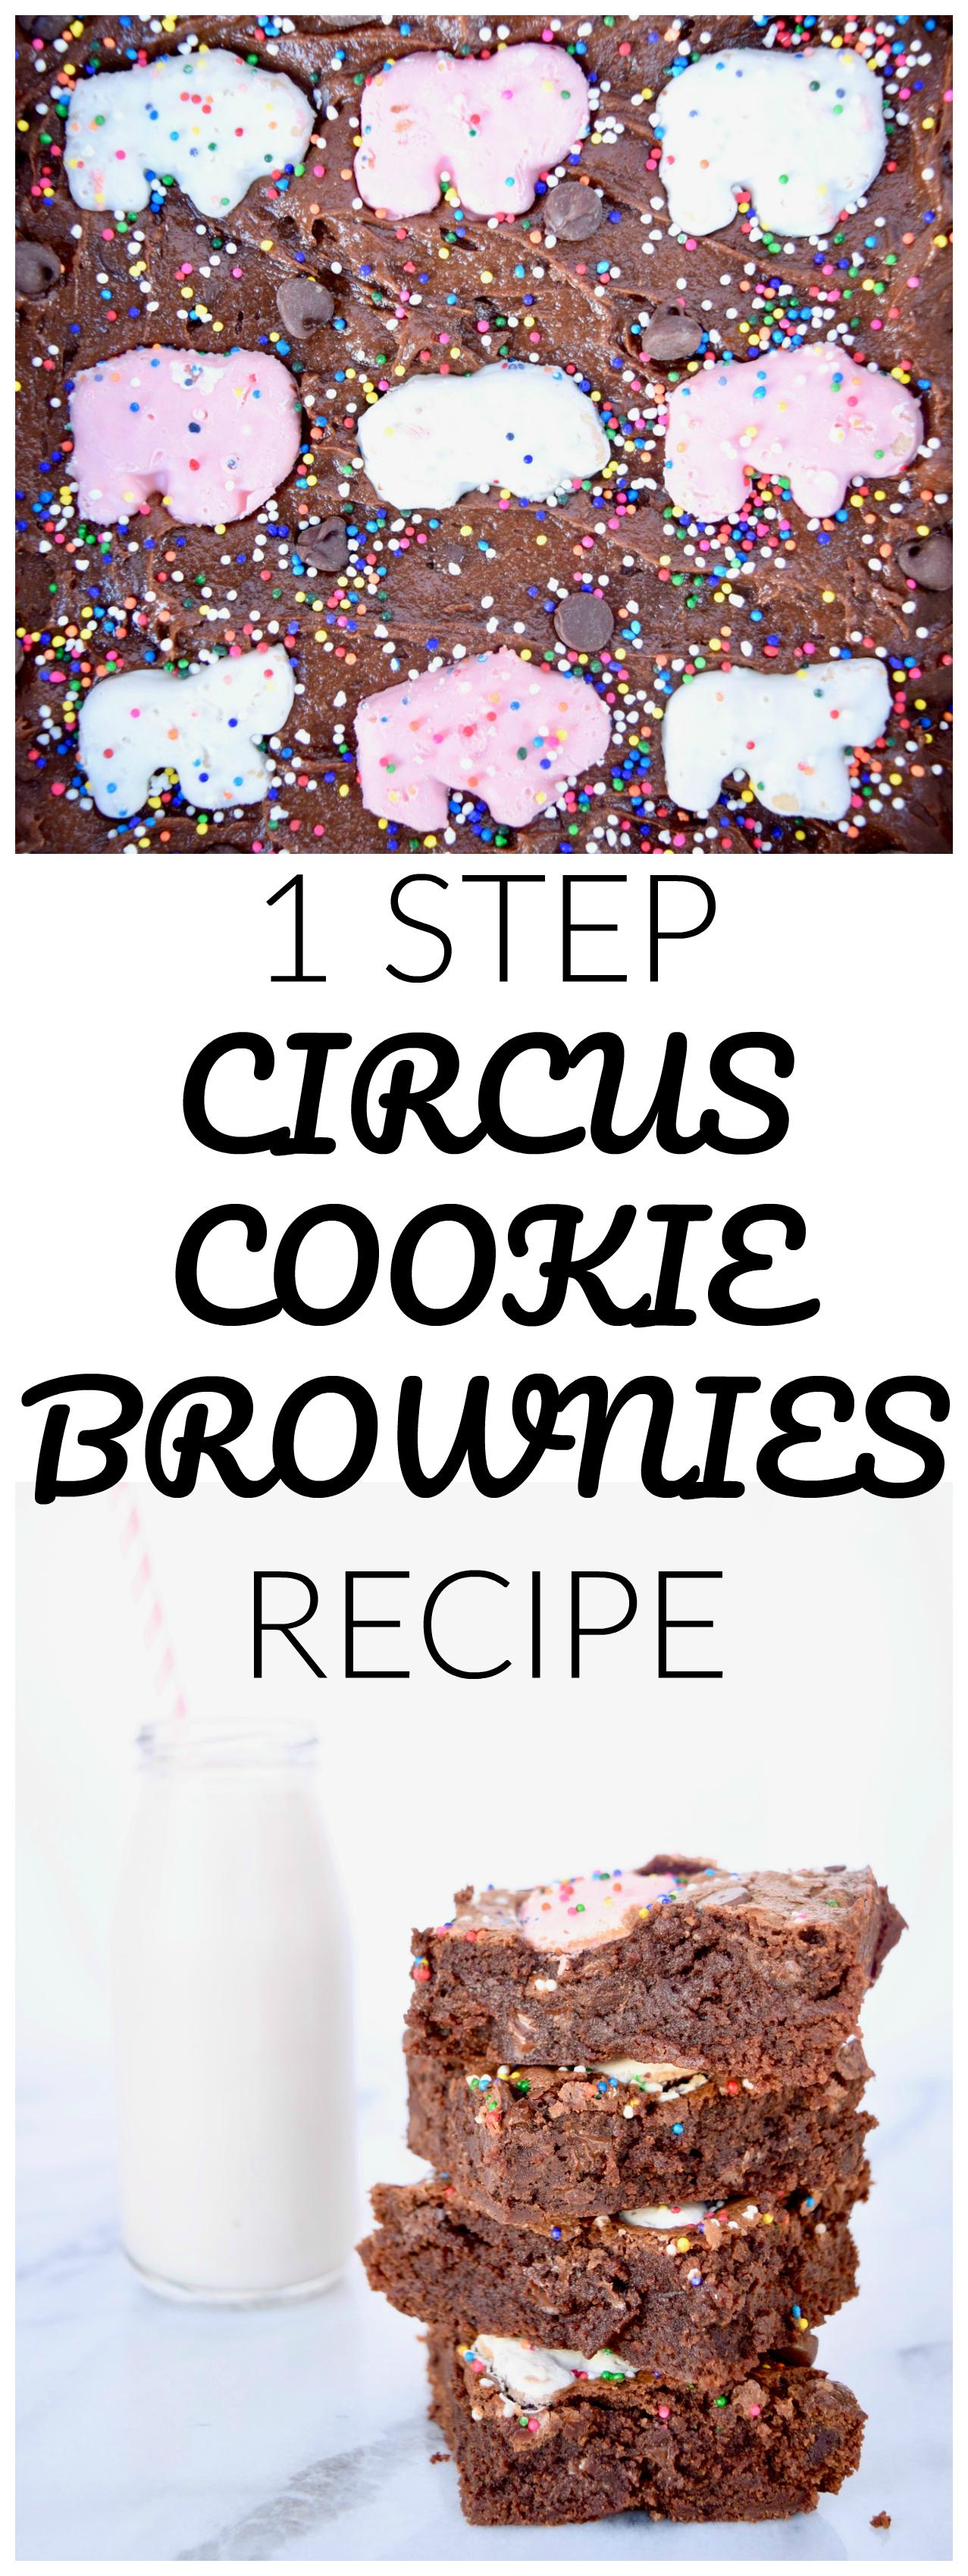 1 STEP CIRCUS COOKIE BROWNIES RECIPE